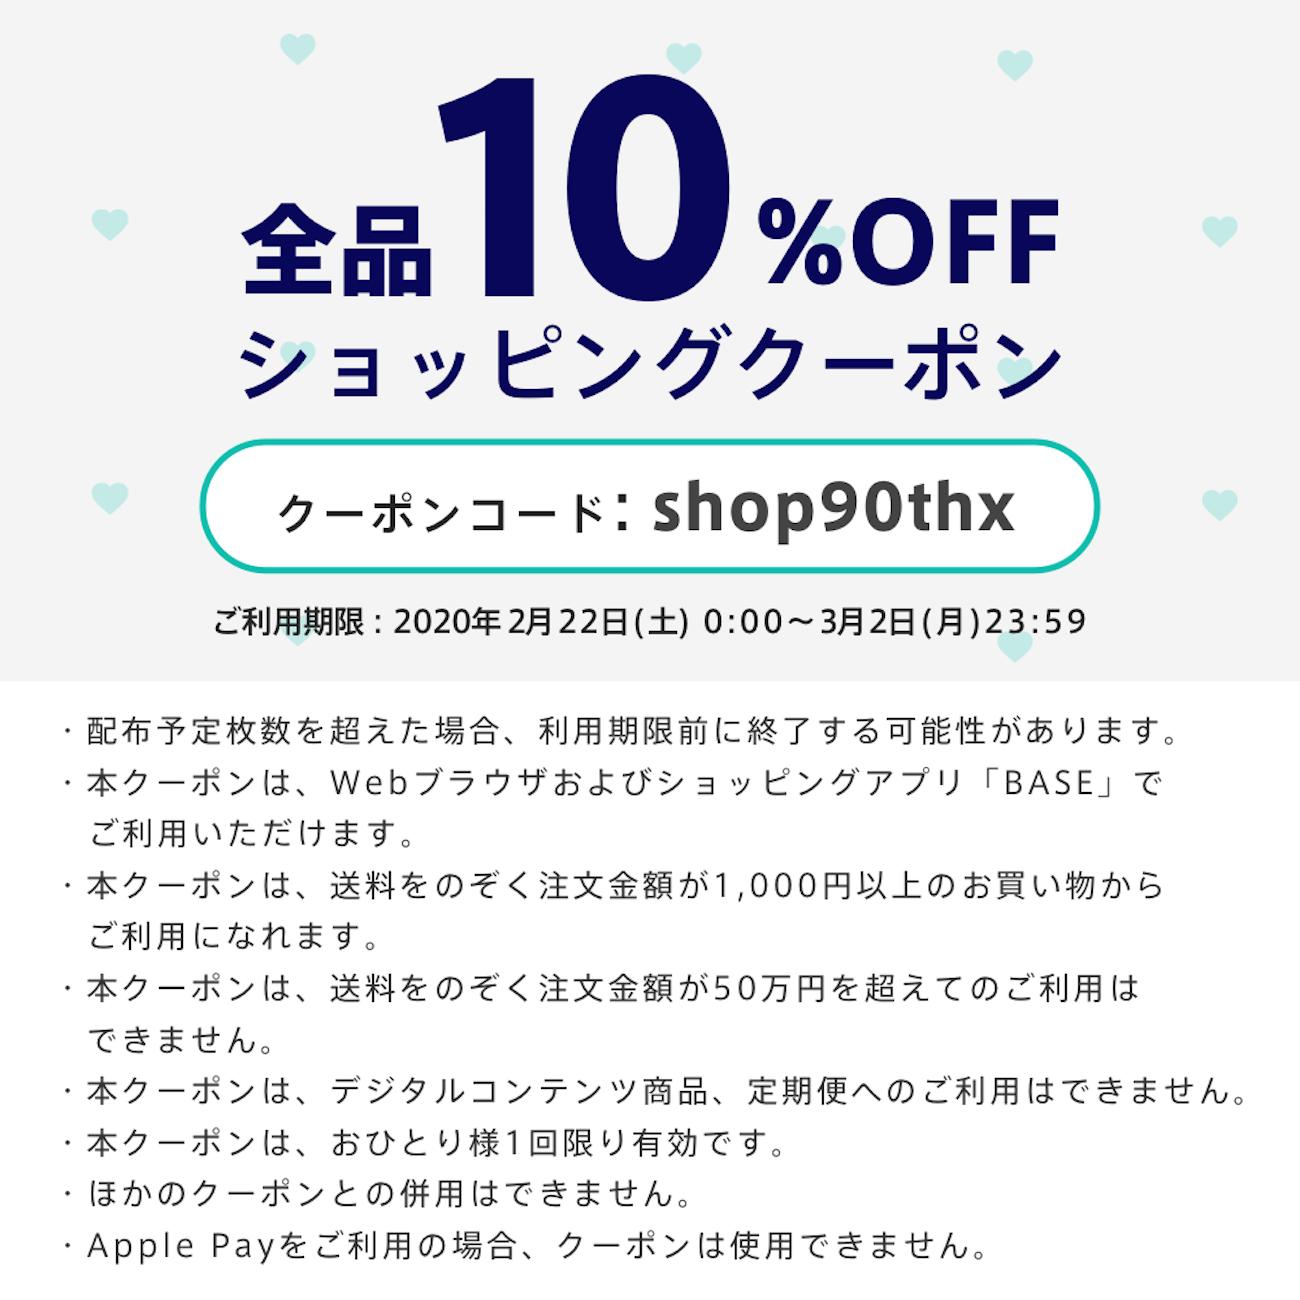 【2020/2/22 〜 3/2 期間限定】 10%OFFクーポンのお知らせ